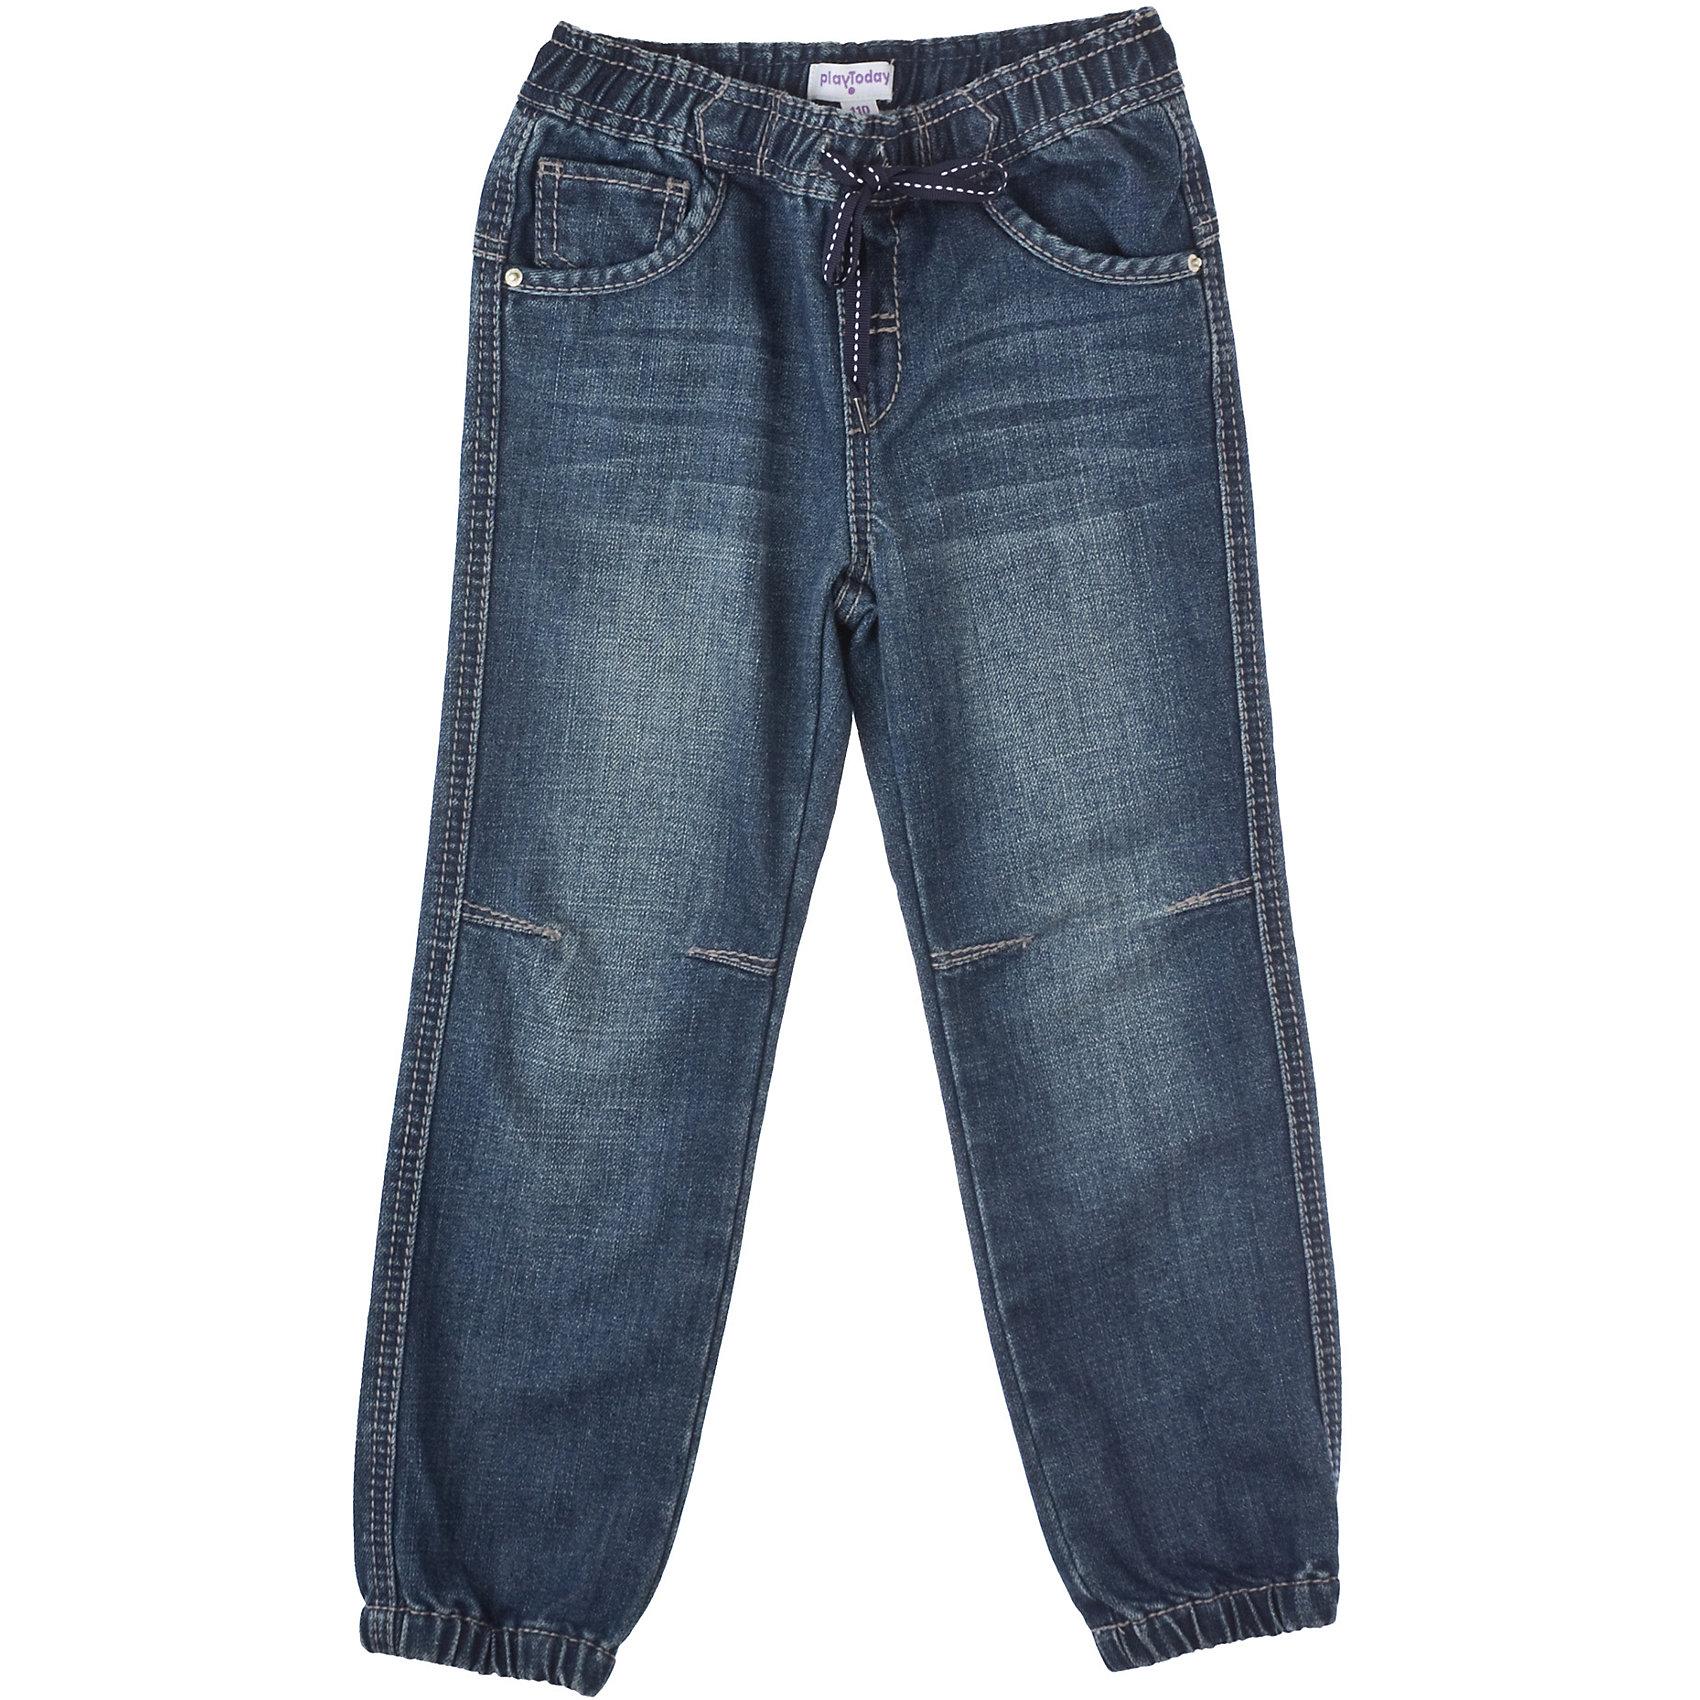 Джинсы для мальчика PlayTodayДжинсы для мальчика PlayToday Классические прямые джинсы. Пять карманов, на поясе широкая резинка. Эффект потертости. Состав: 78% хлопок, 22% полиэстер<br><br>Ширина мм: 215<br>Глубина мм: 88<br>Высота мм: 191<br>Вес г: 336<br>Цвет: синий<br>Возраст от месяцев: 24<br>Возраст до месяцев: 36<br>Пол: Мужской<br>Возраст: Детский<br>Размер: 98,110,128,122,116,104<br>SKU: 4227884